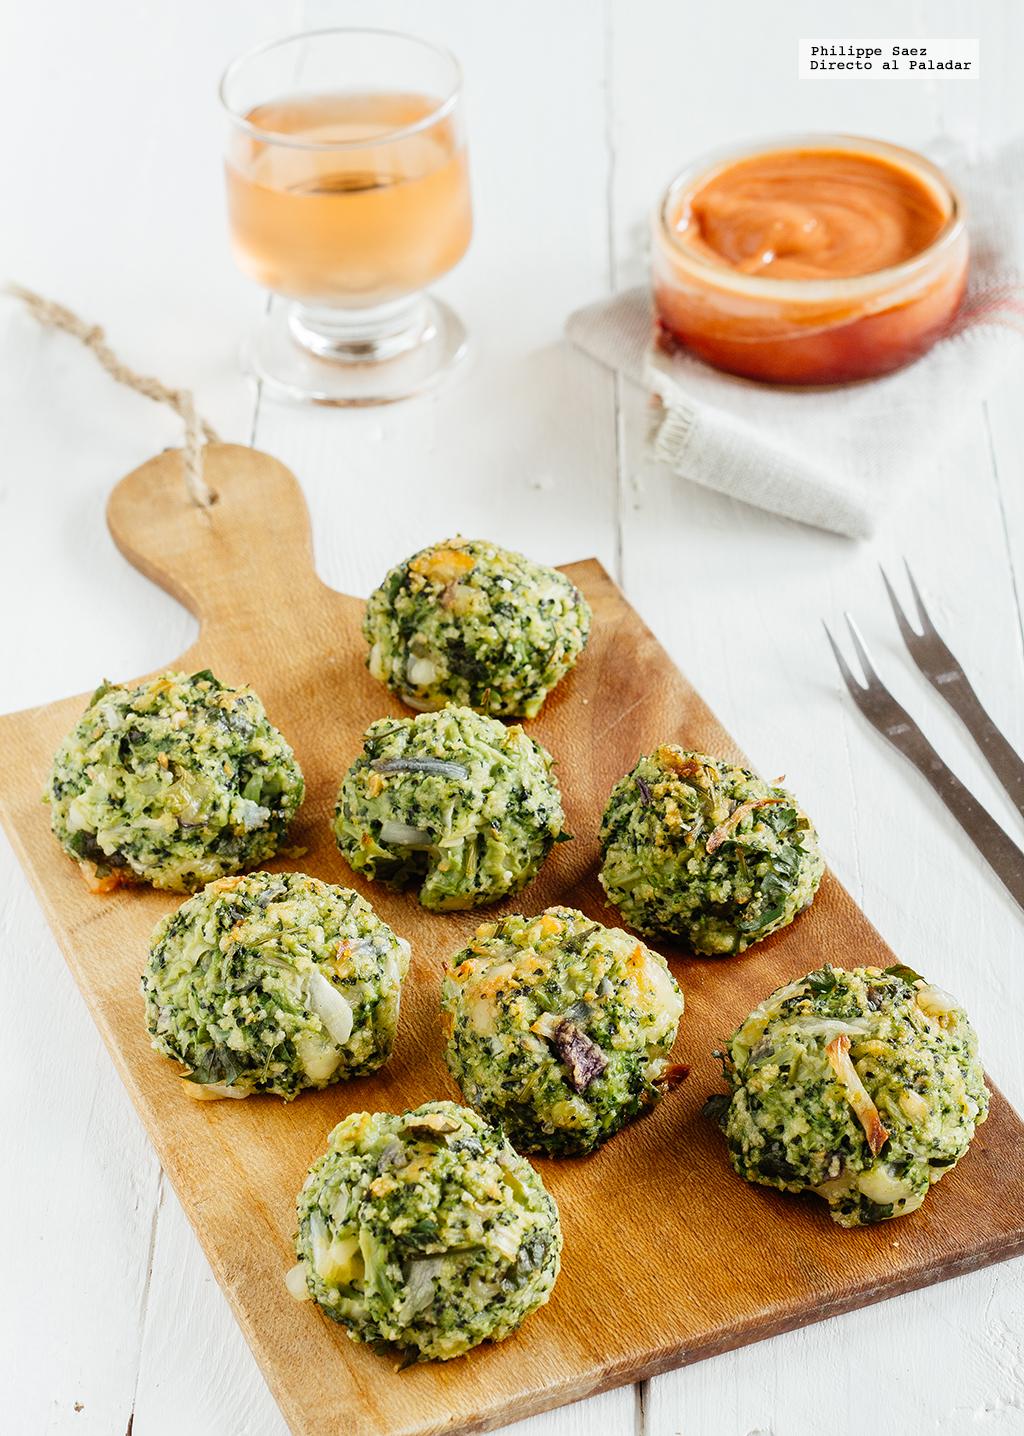 Alb ndigas de br coli receta vegetariana - Comida vegetariana facil de preparar ...